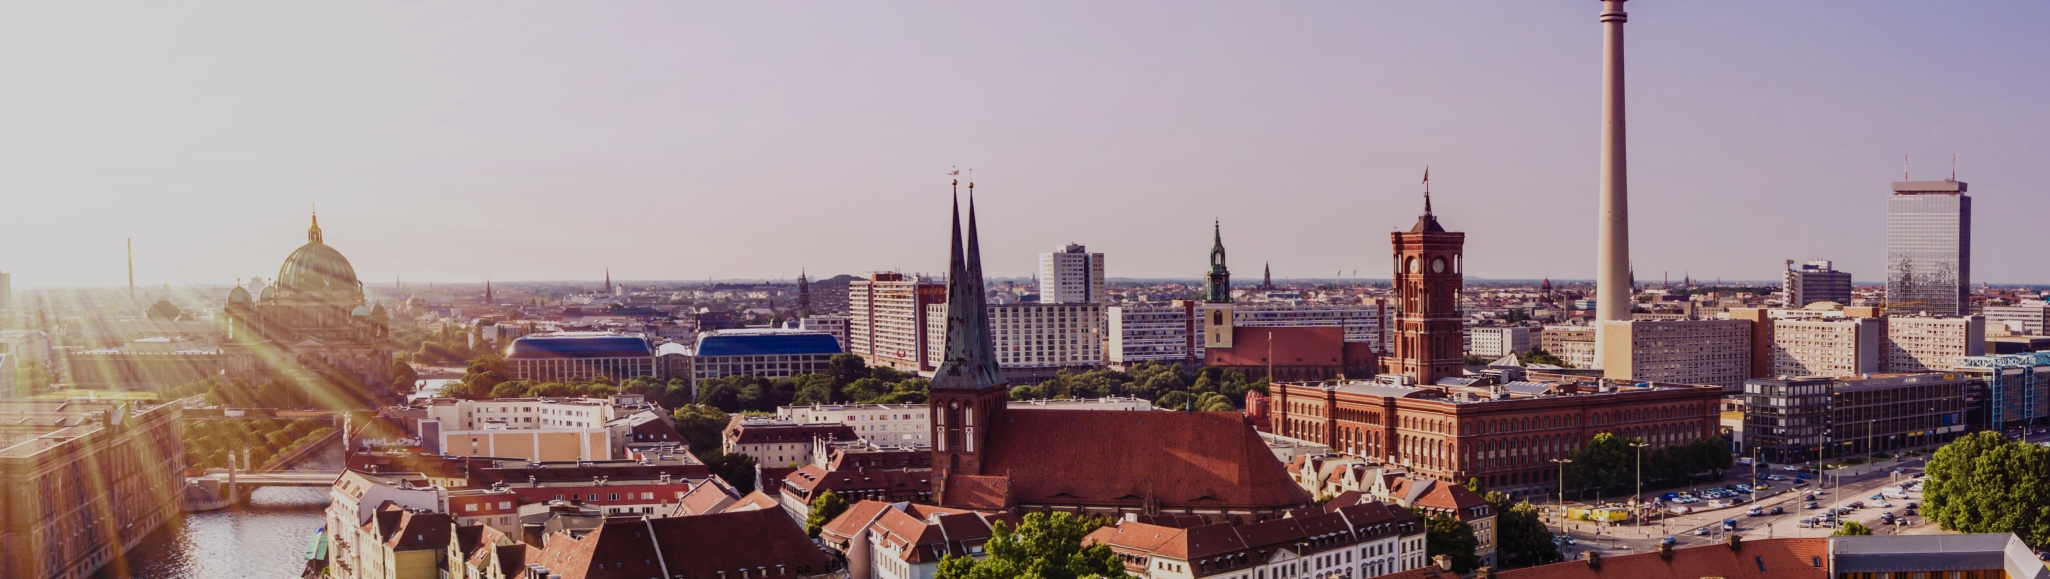 Real Regensburg